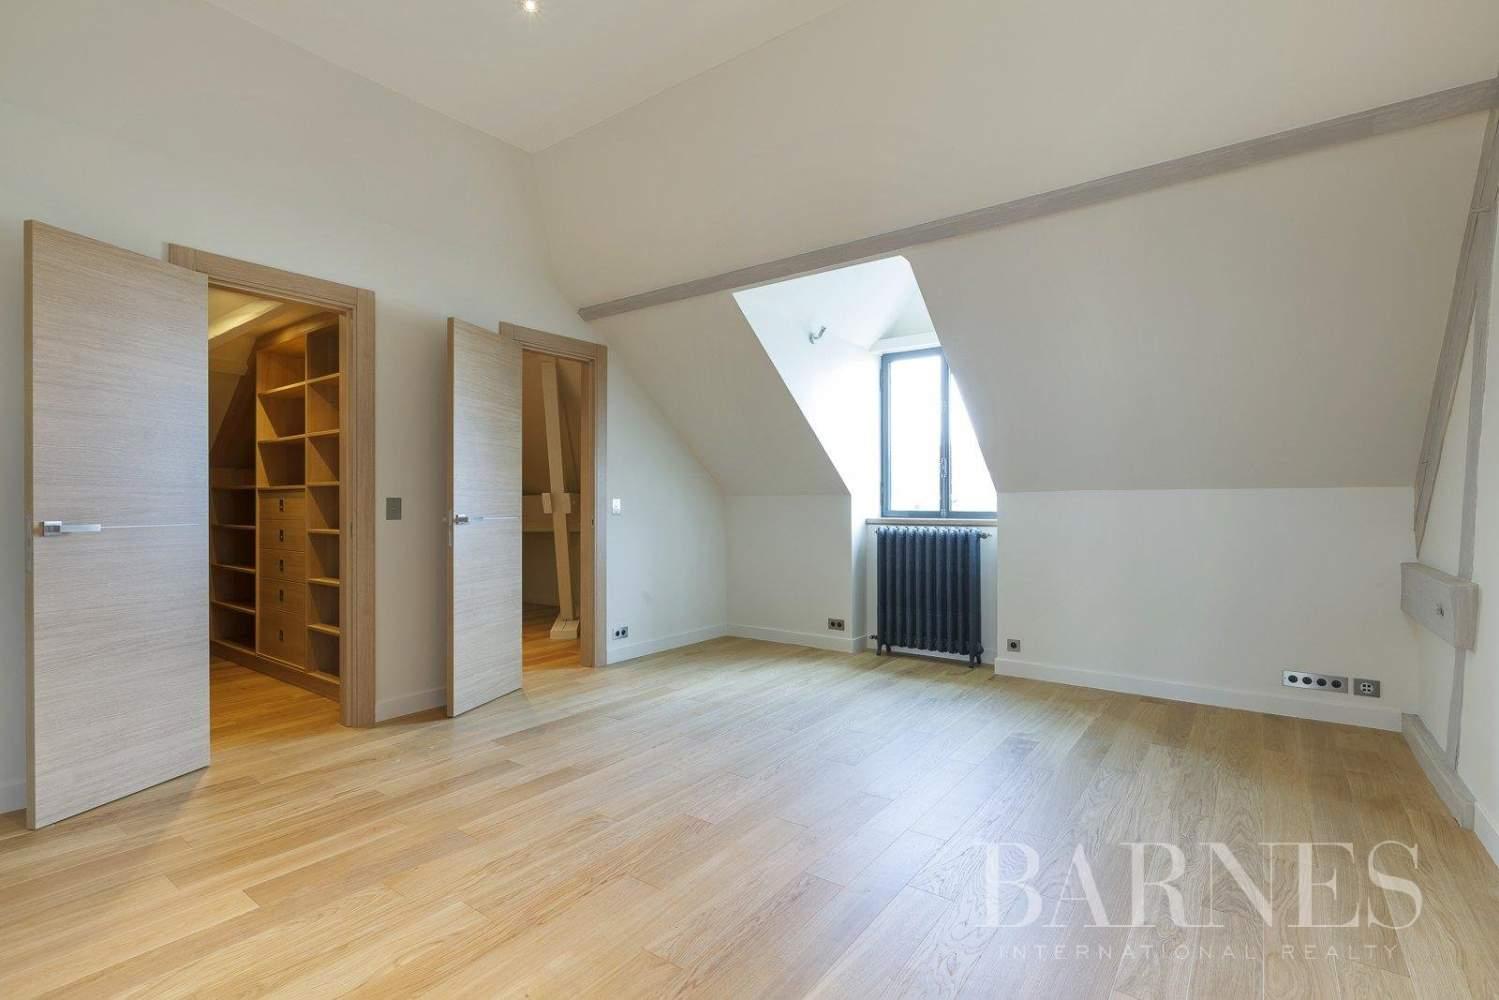 Saint-Germain-en-Laye  - Appartement 8 Pièces 6 Chambres - picture 17